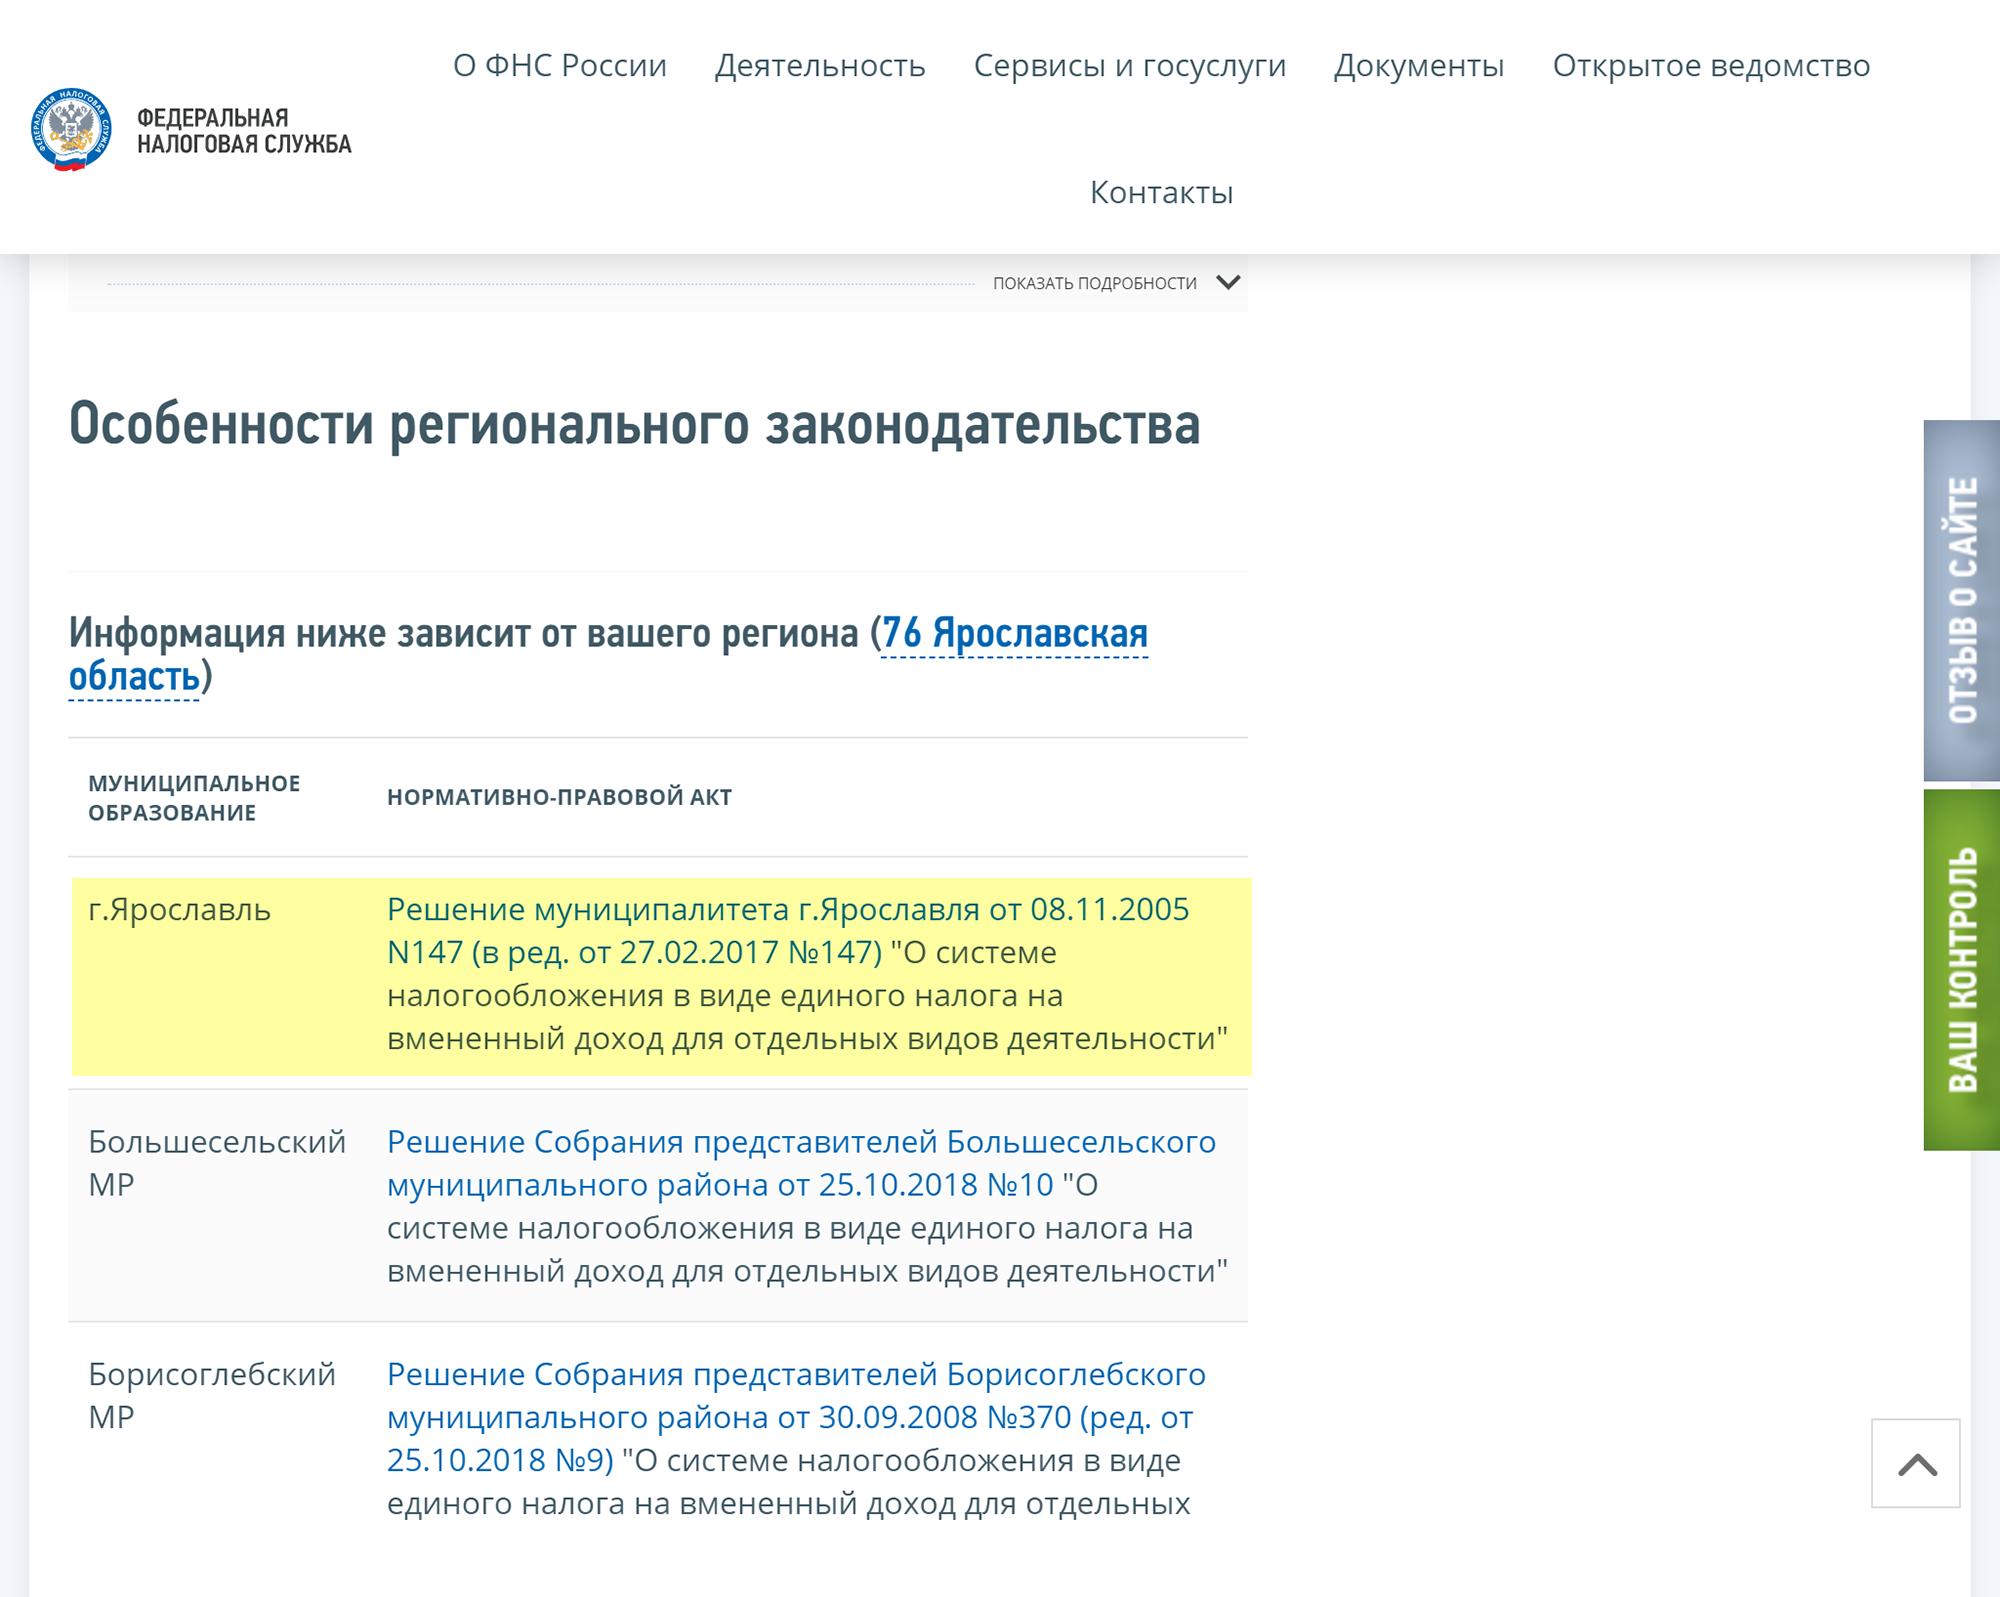 Спускаемся до раздела «Особенности регионального законодательства» и находим Ярославль. Требования по ЕНВД могут различаться не только для отдельных регионов, но даже для муниципальных районов